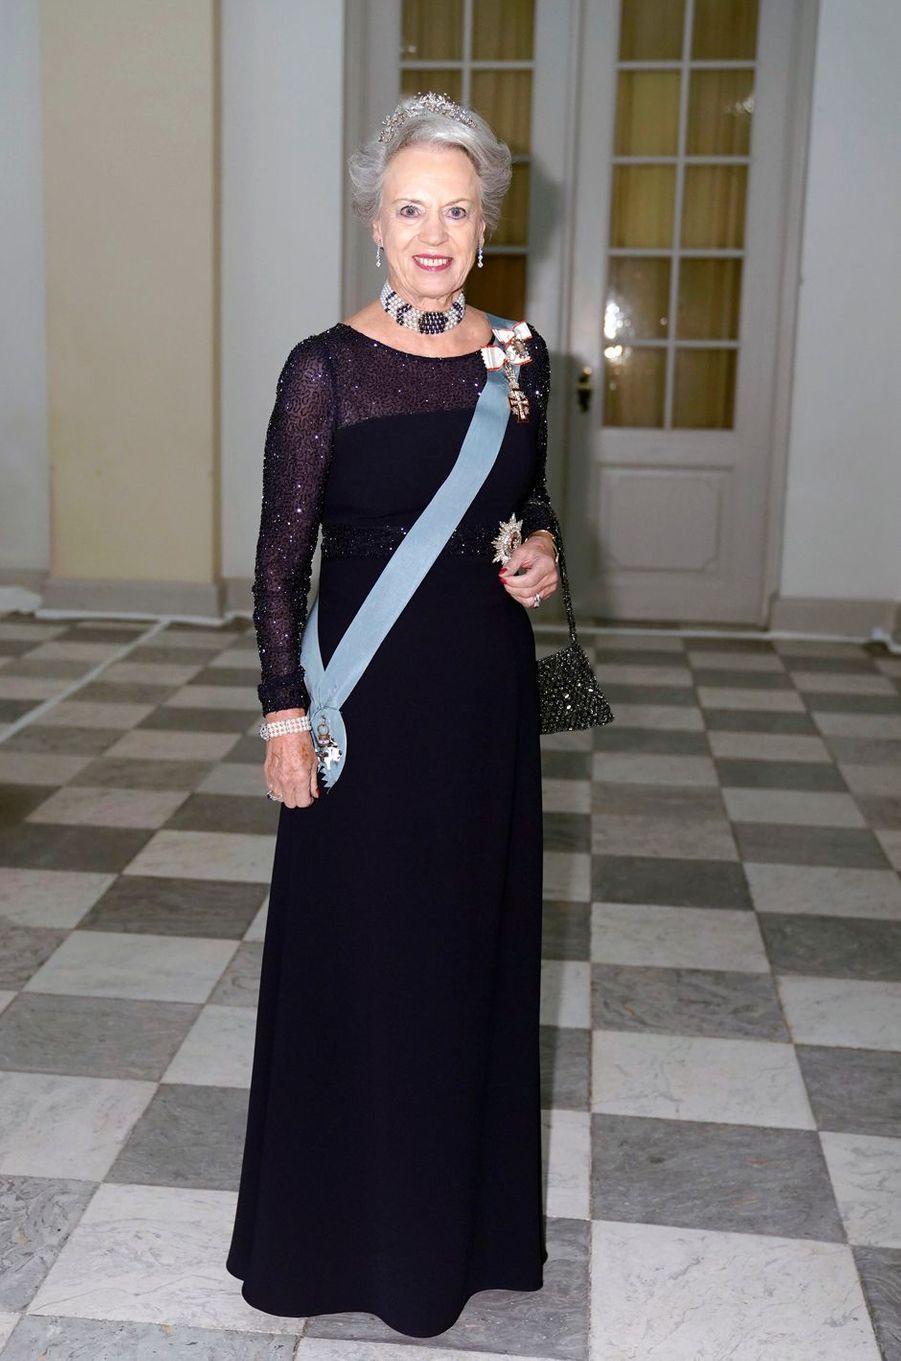 La princesse Benedikte de Danemark à Copenhague, le 24 octobre 2018